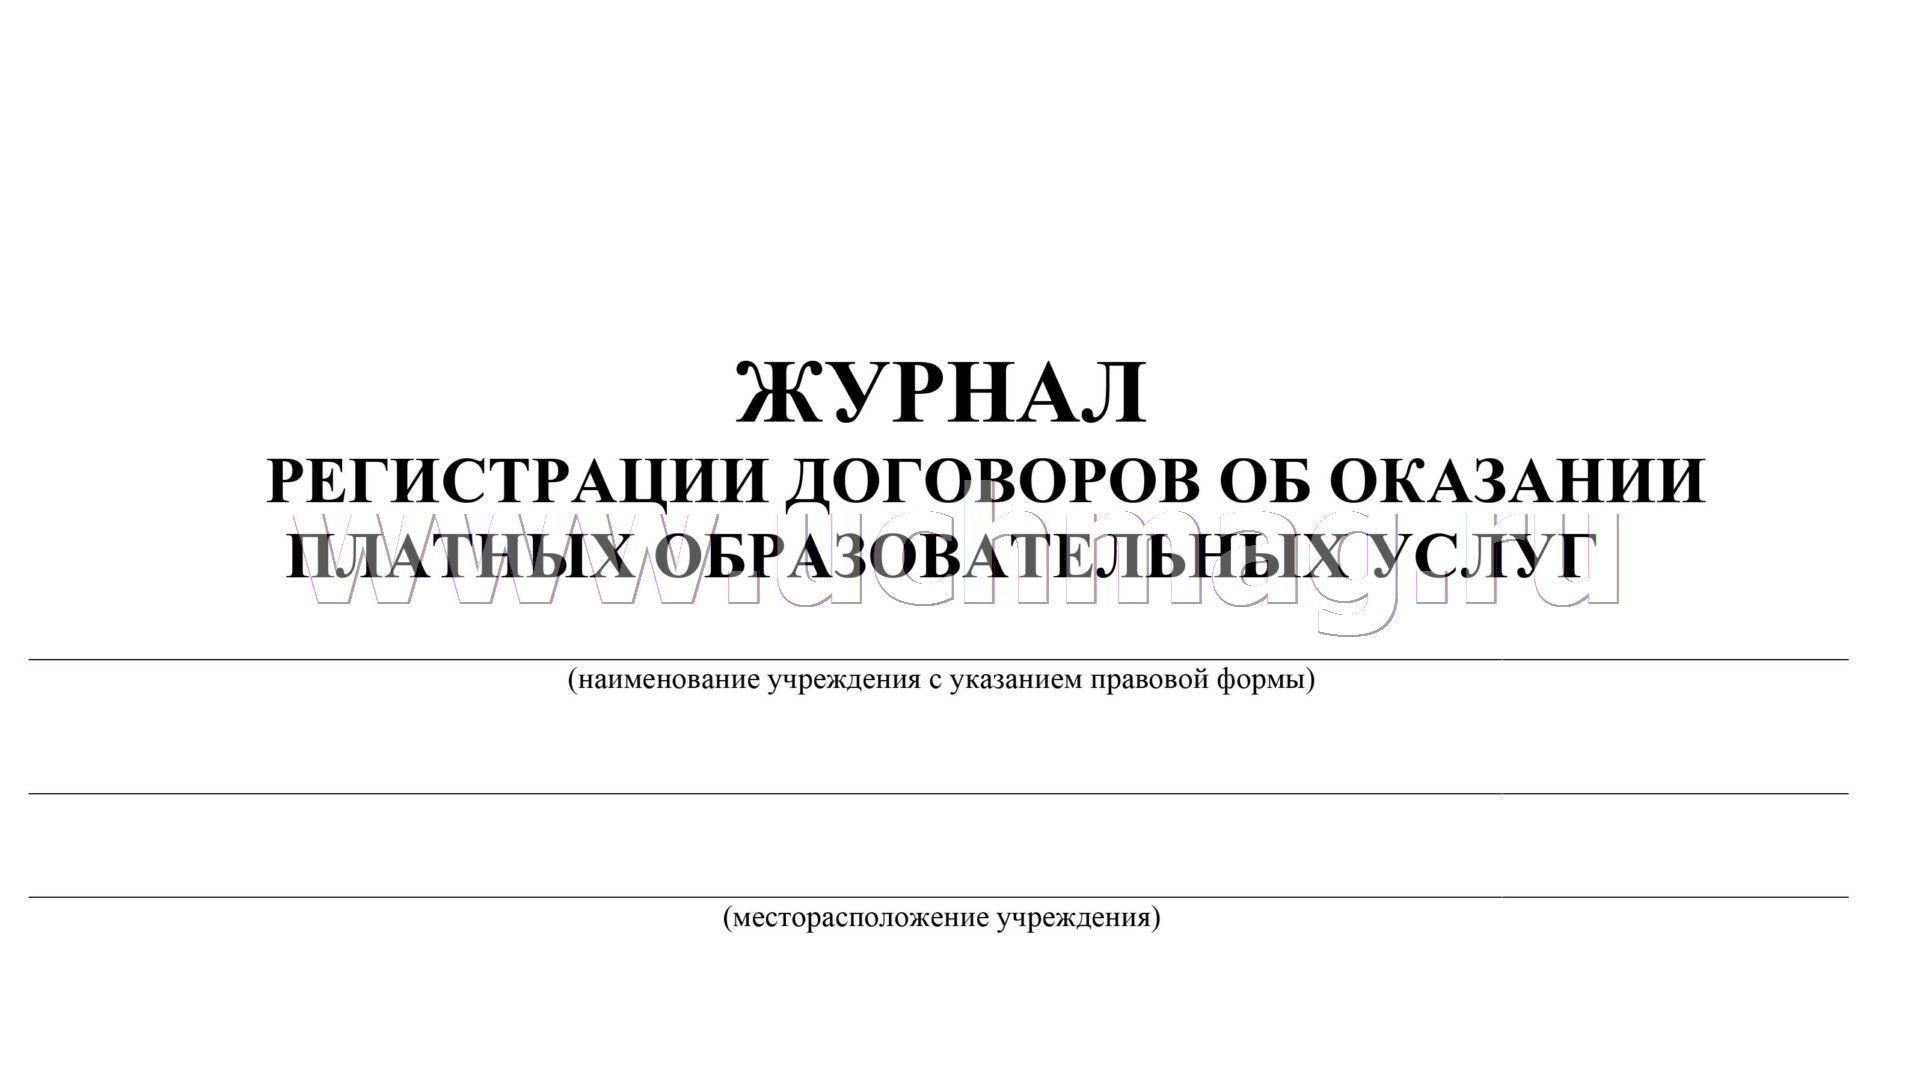 Согласие на обработку данных по gdpr: подробный разбор / хабр